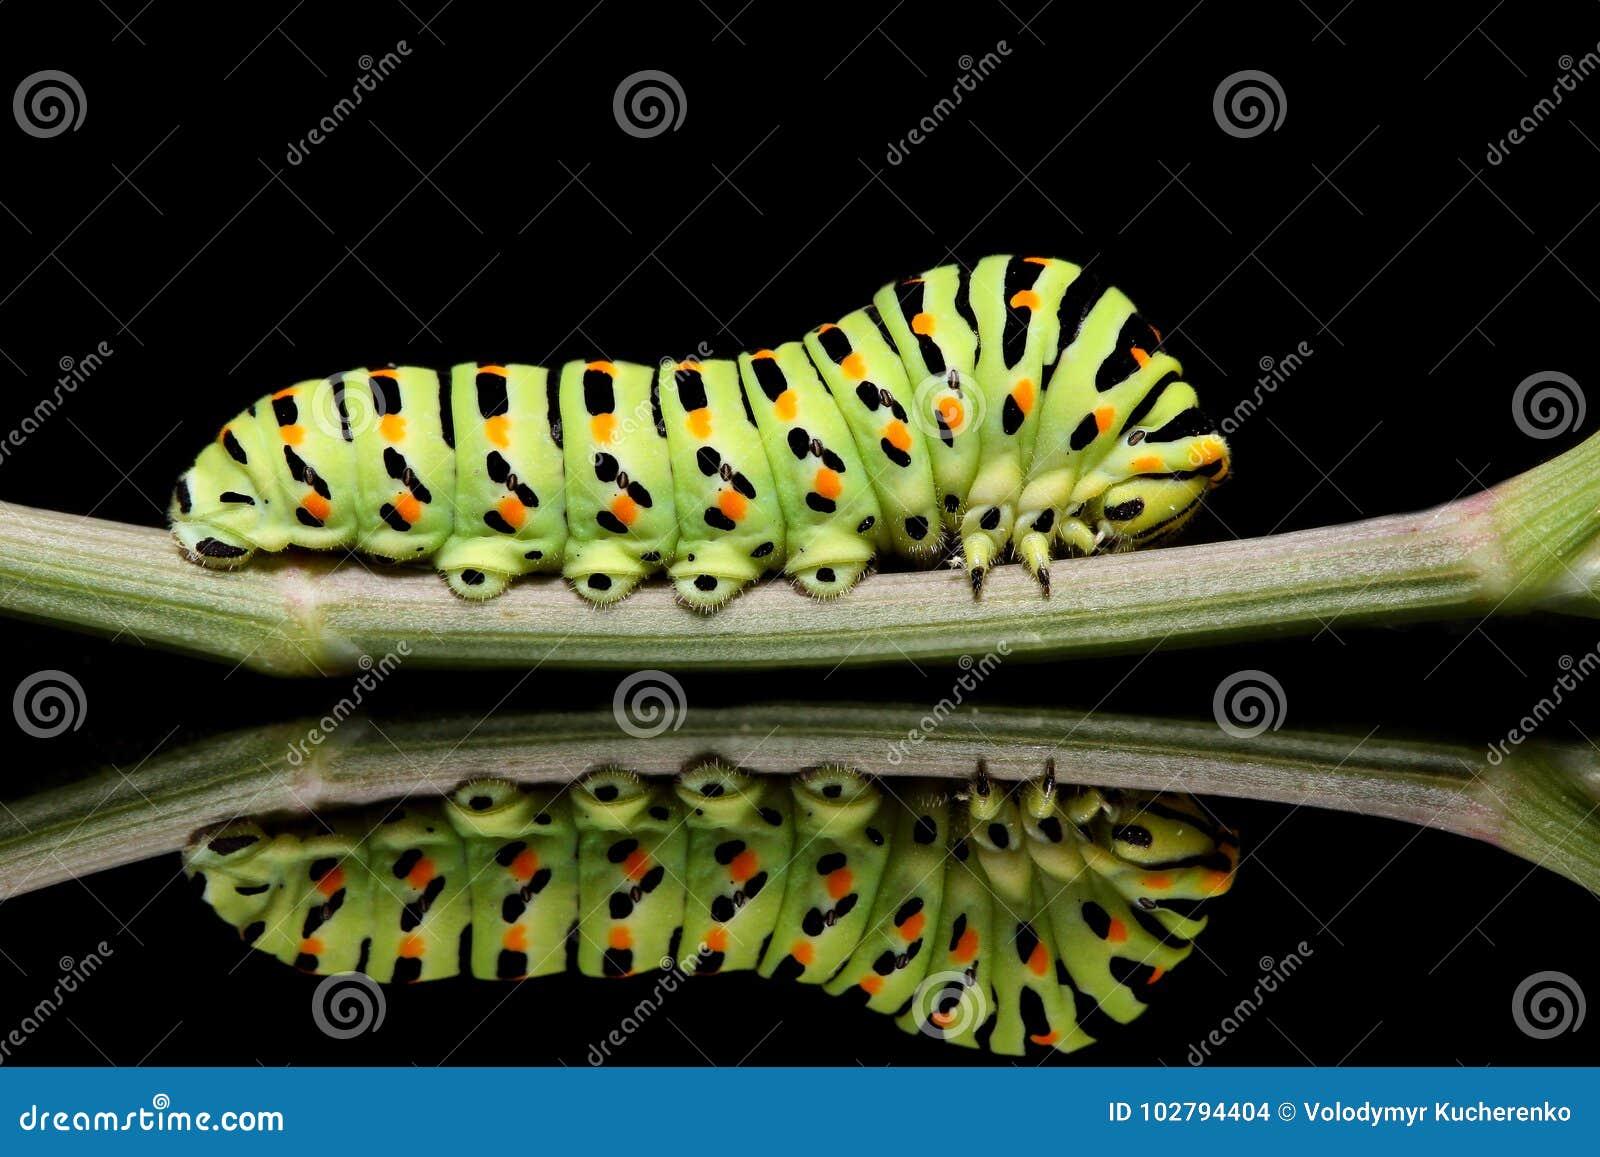 毛虫蝴蝶在黑背景的mahaon特写镜头与异常的反射